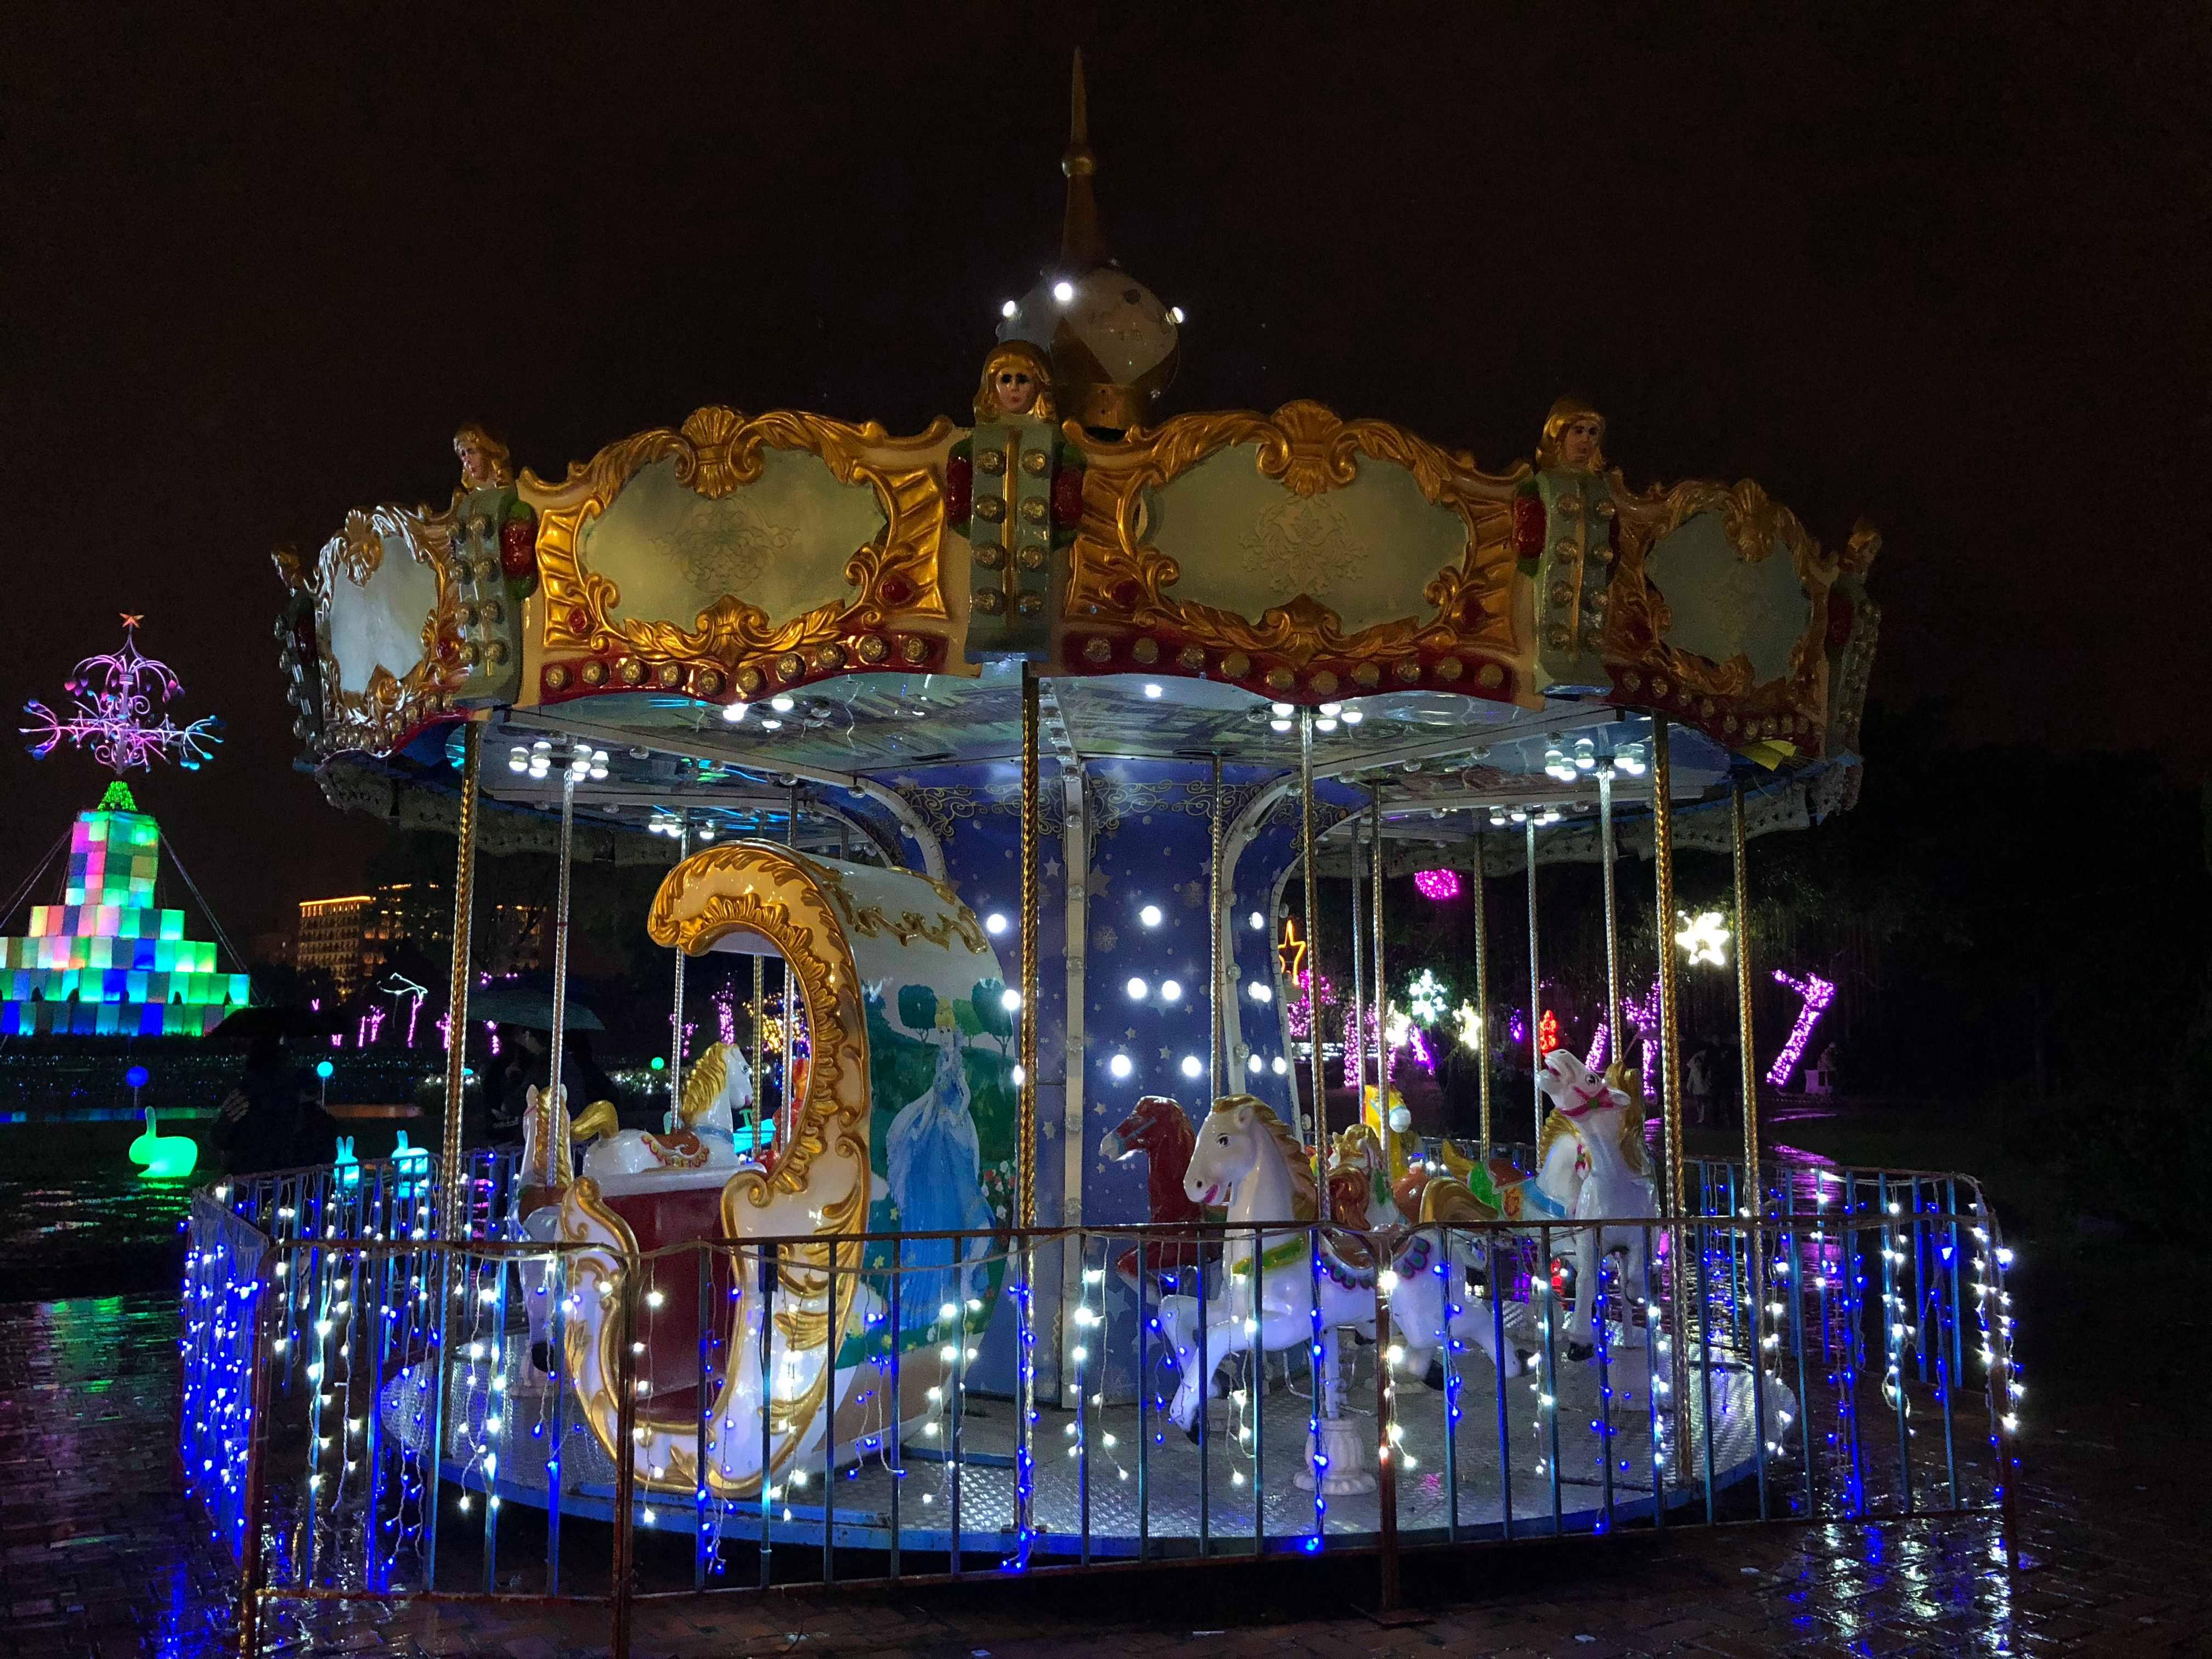 夜晚遊樂園的旋轉木馬,圖片來自:本文作者KV